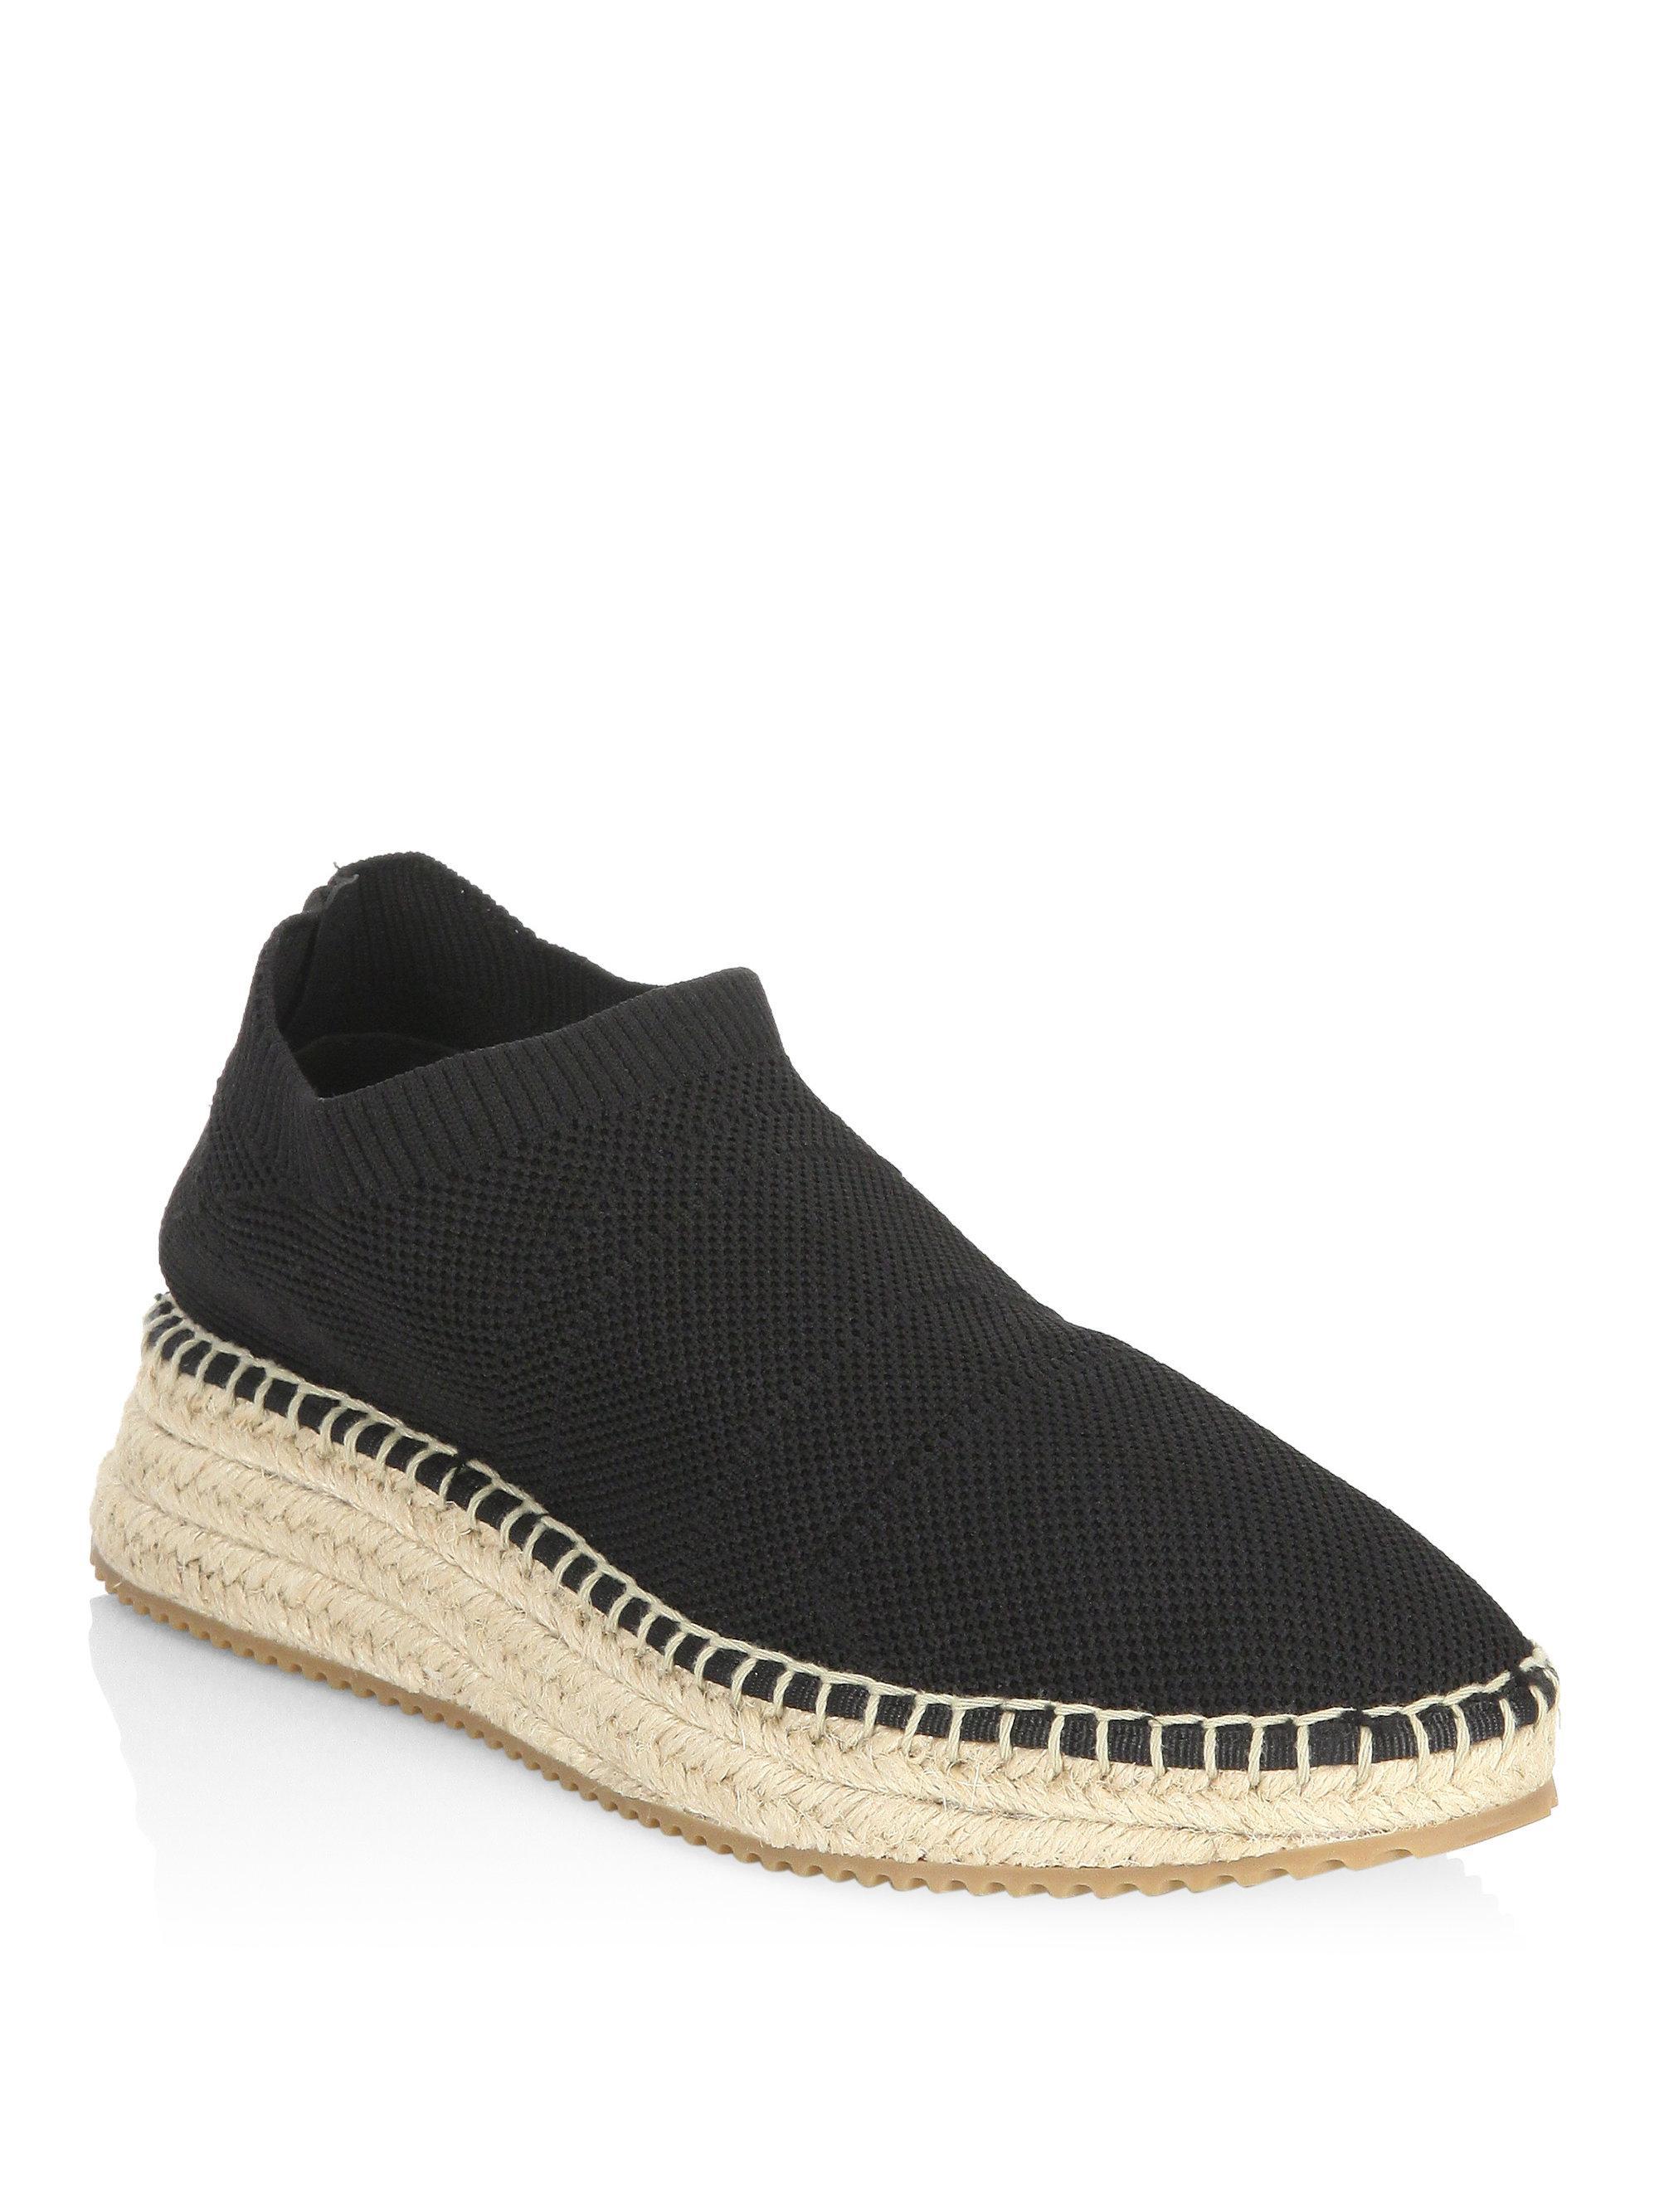 Dylan Espadrille sneakers - Black Alexander Wang vafvB